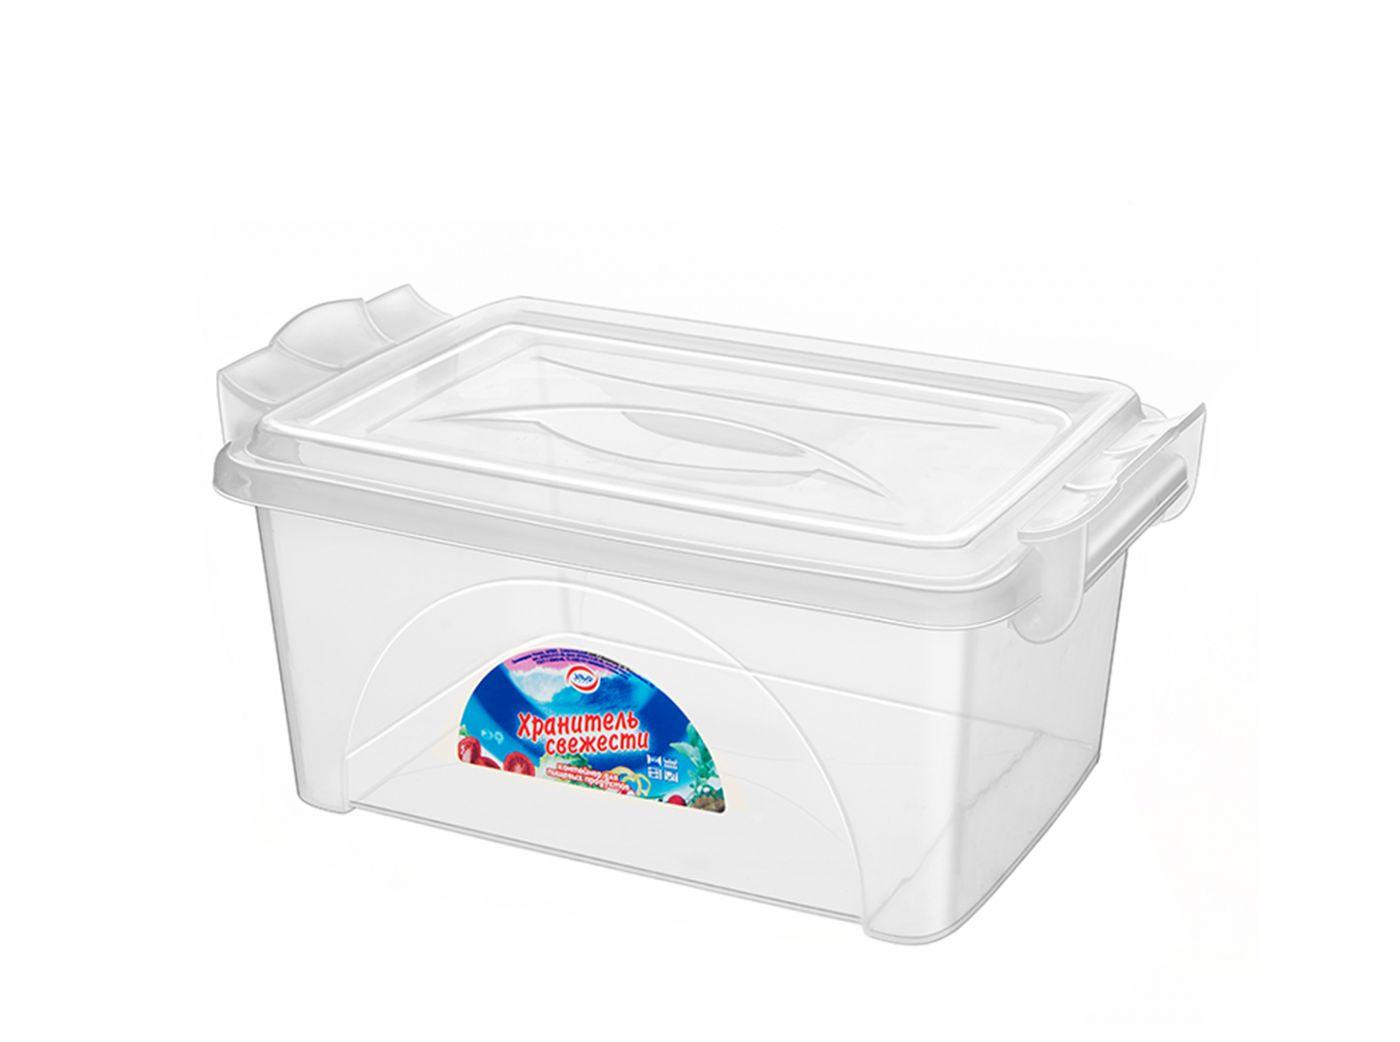 Контейнер для хранения Эльфпласт Хранитель свежести 11,5 литров прозрачный с крышкой 40x26,5x15,5 см